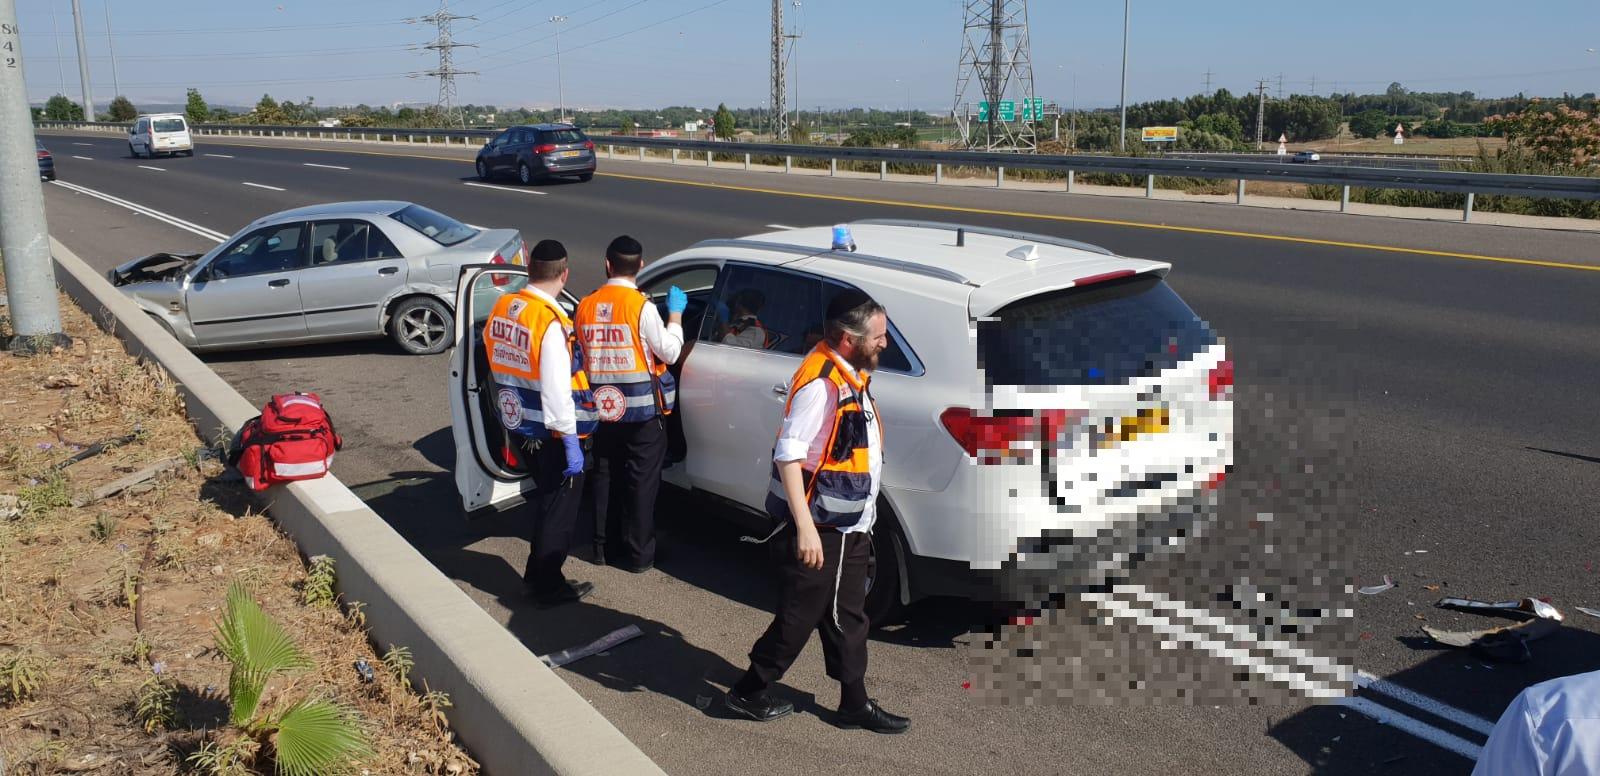 """בתוך שעתיים: 2 תאונות דרכים באותו מקום בכביש 471 מחלף שעריה פ""""ת"""